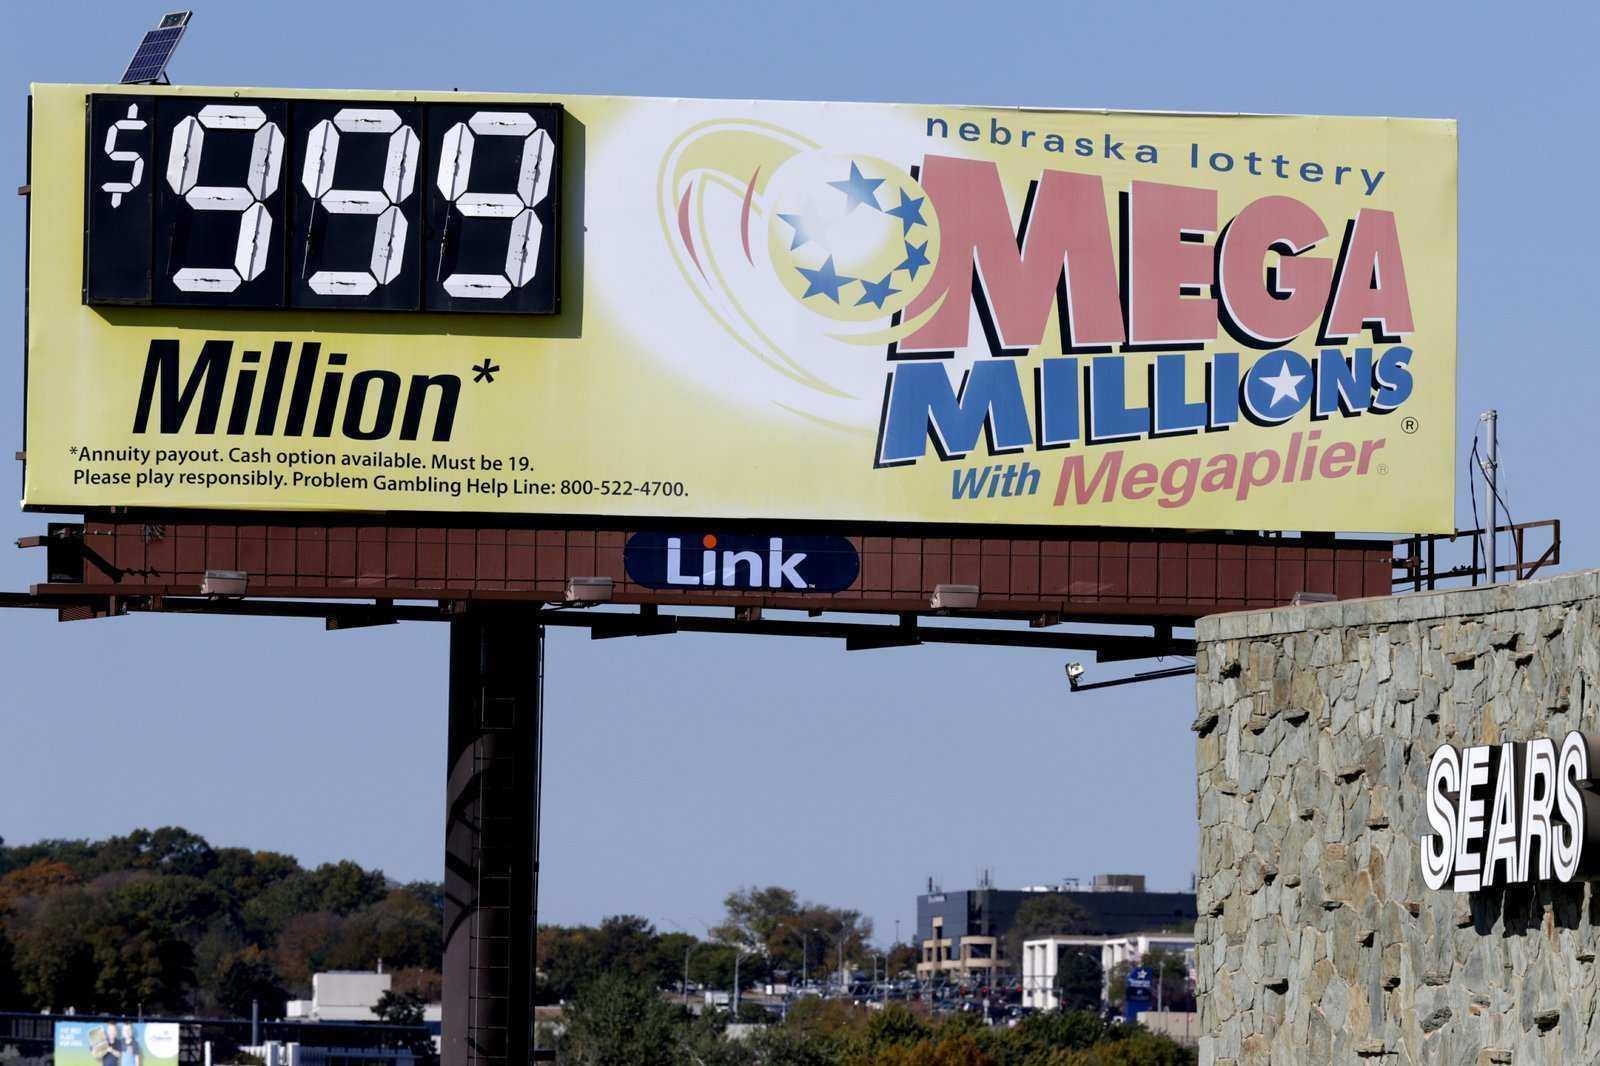 Американская лотерея mega millions (5 из 70 + 1 из 25)